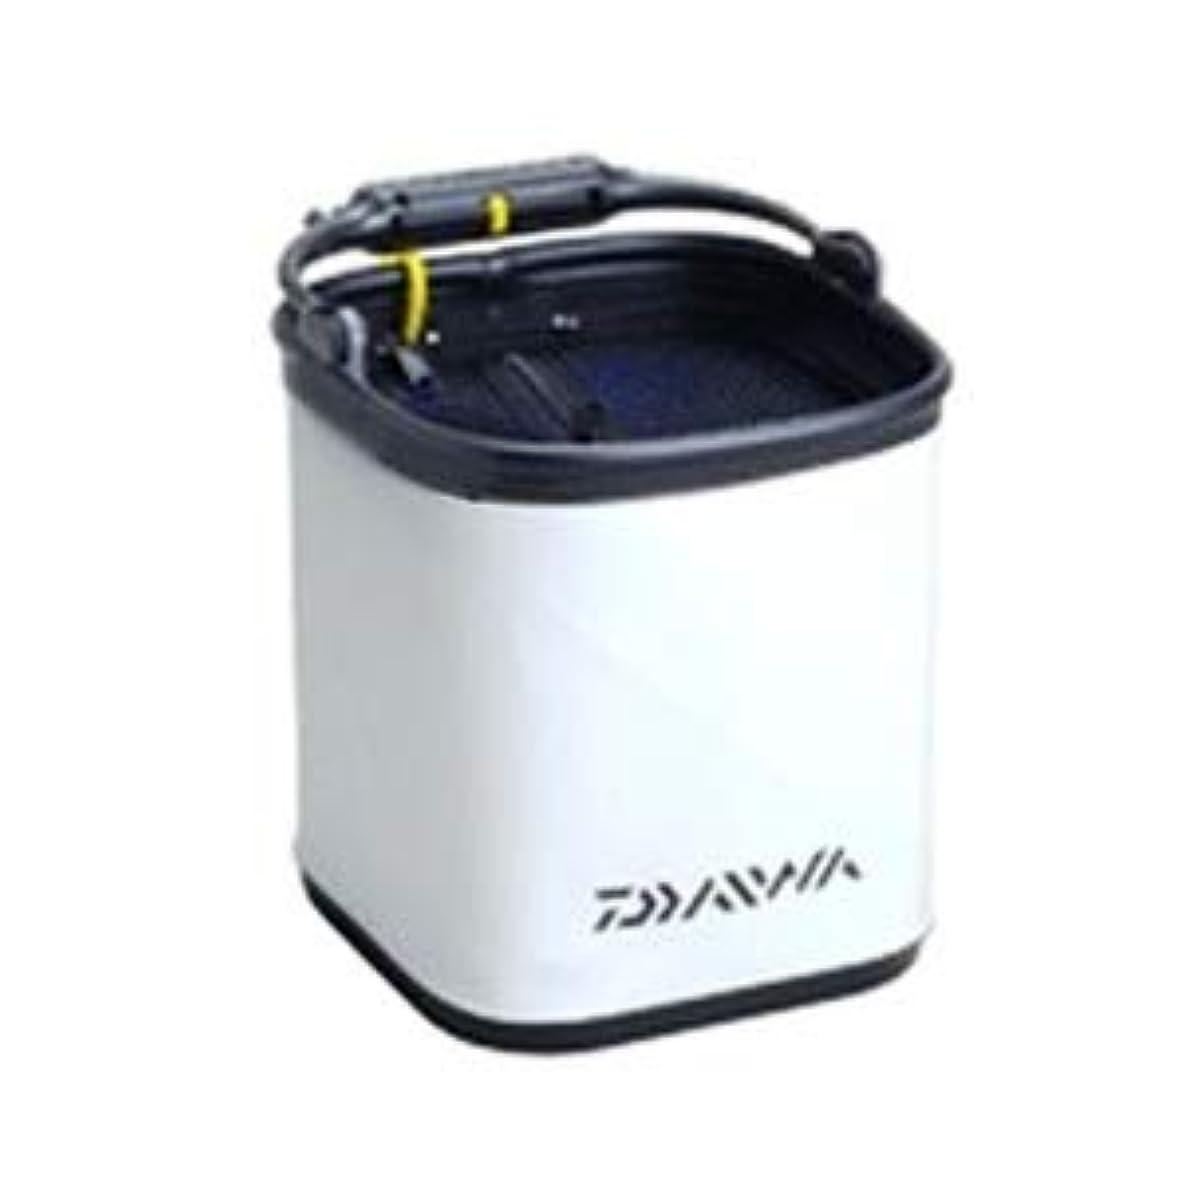 指定腐敗ジャケットダイワ(Daiwa) 活かし 水汲み バケツ M21CM(H) ホワイト